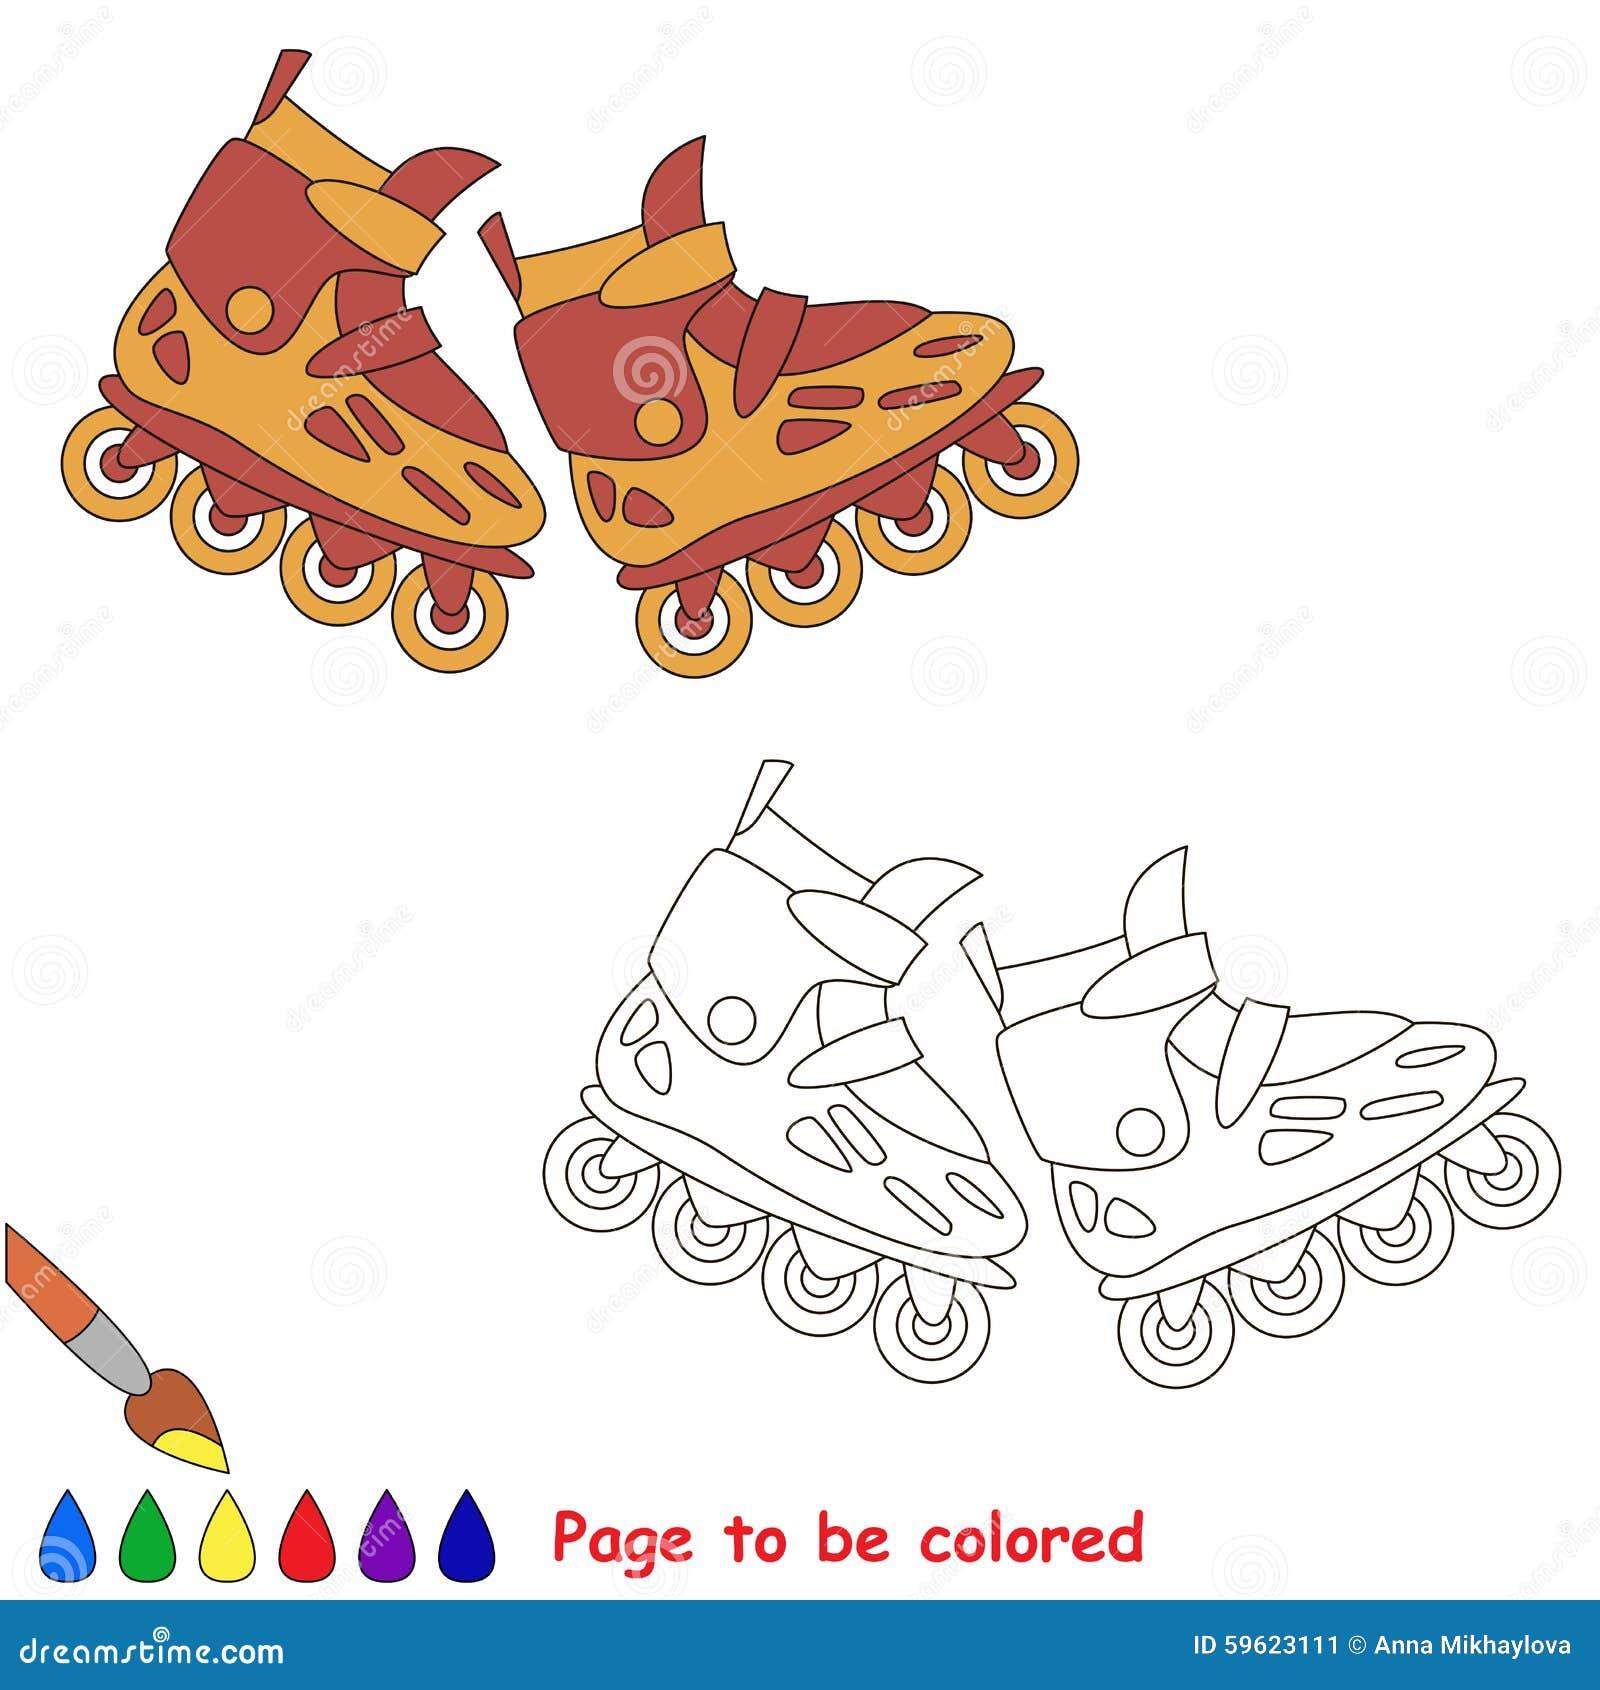 Roller skates book - Roller Skates Kid Children Game